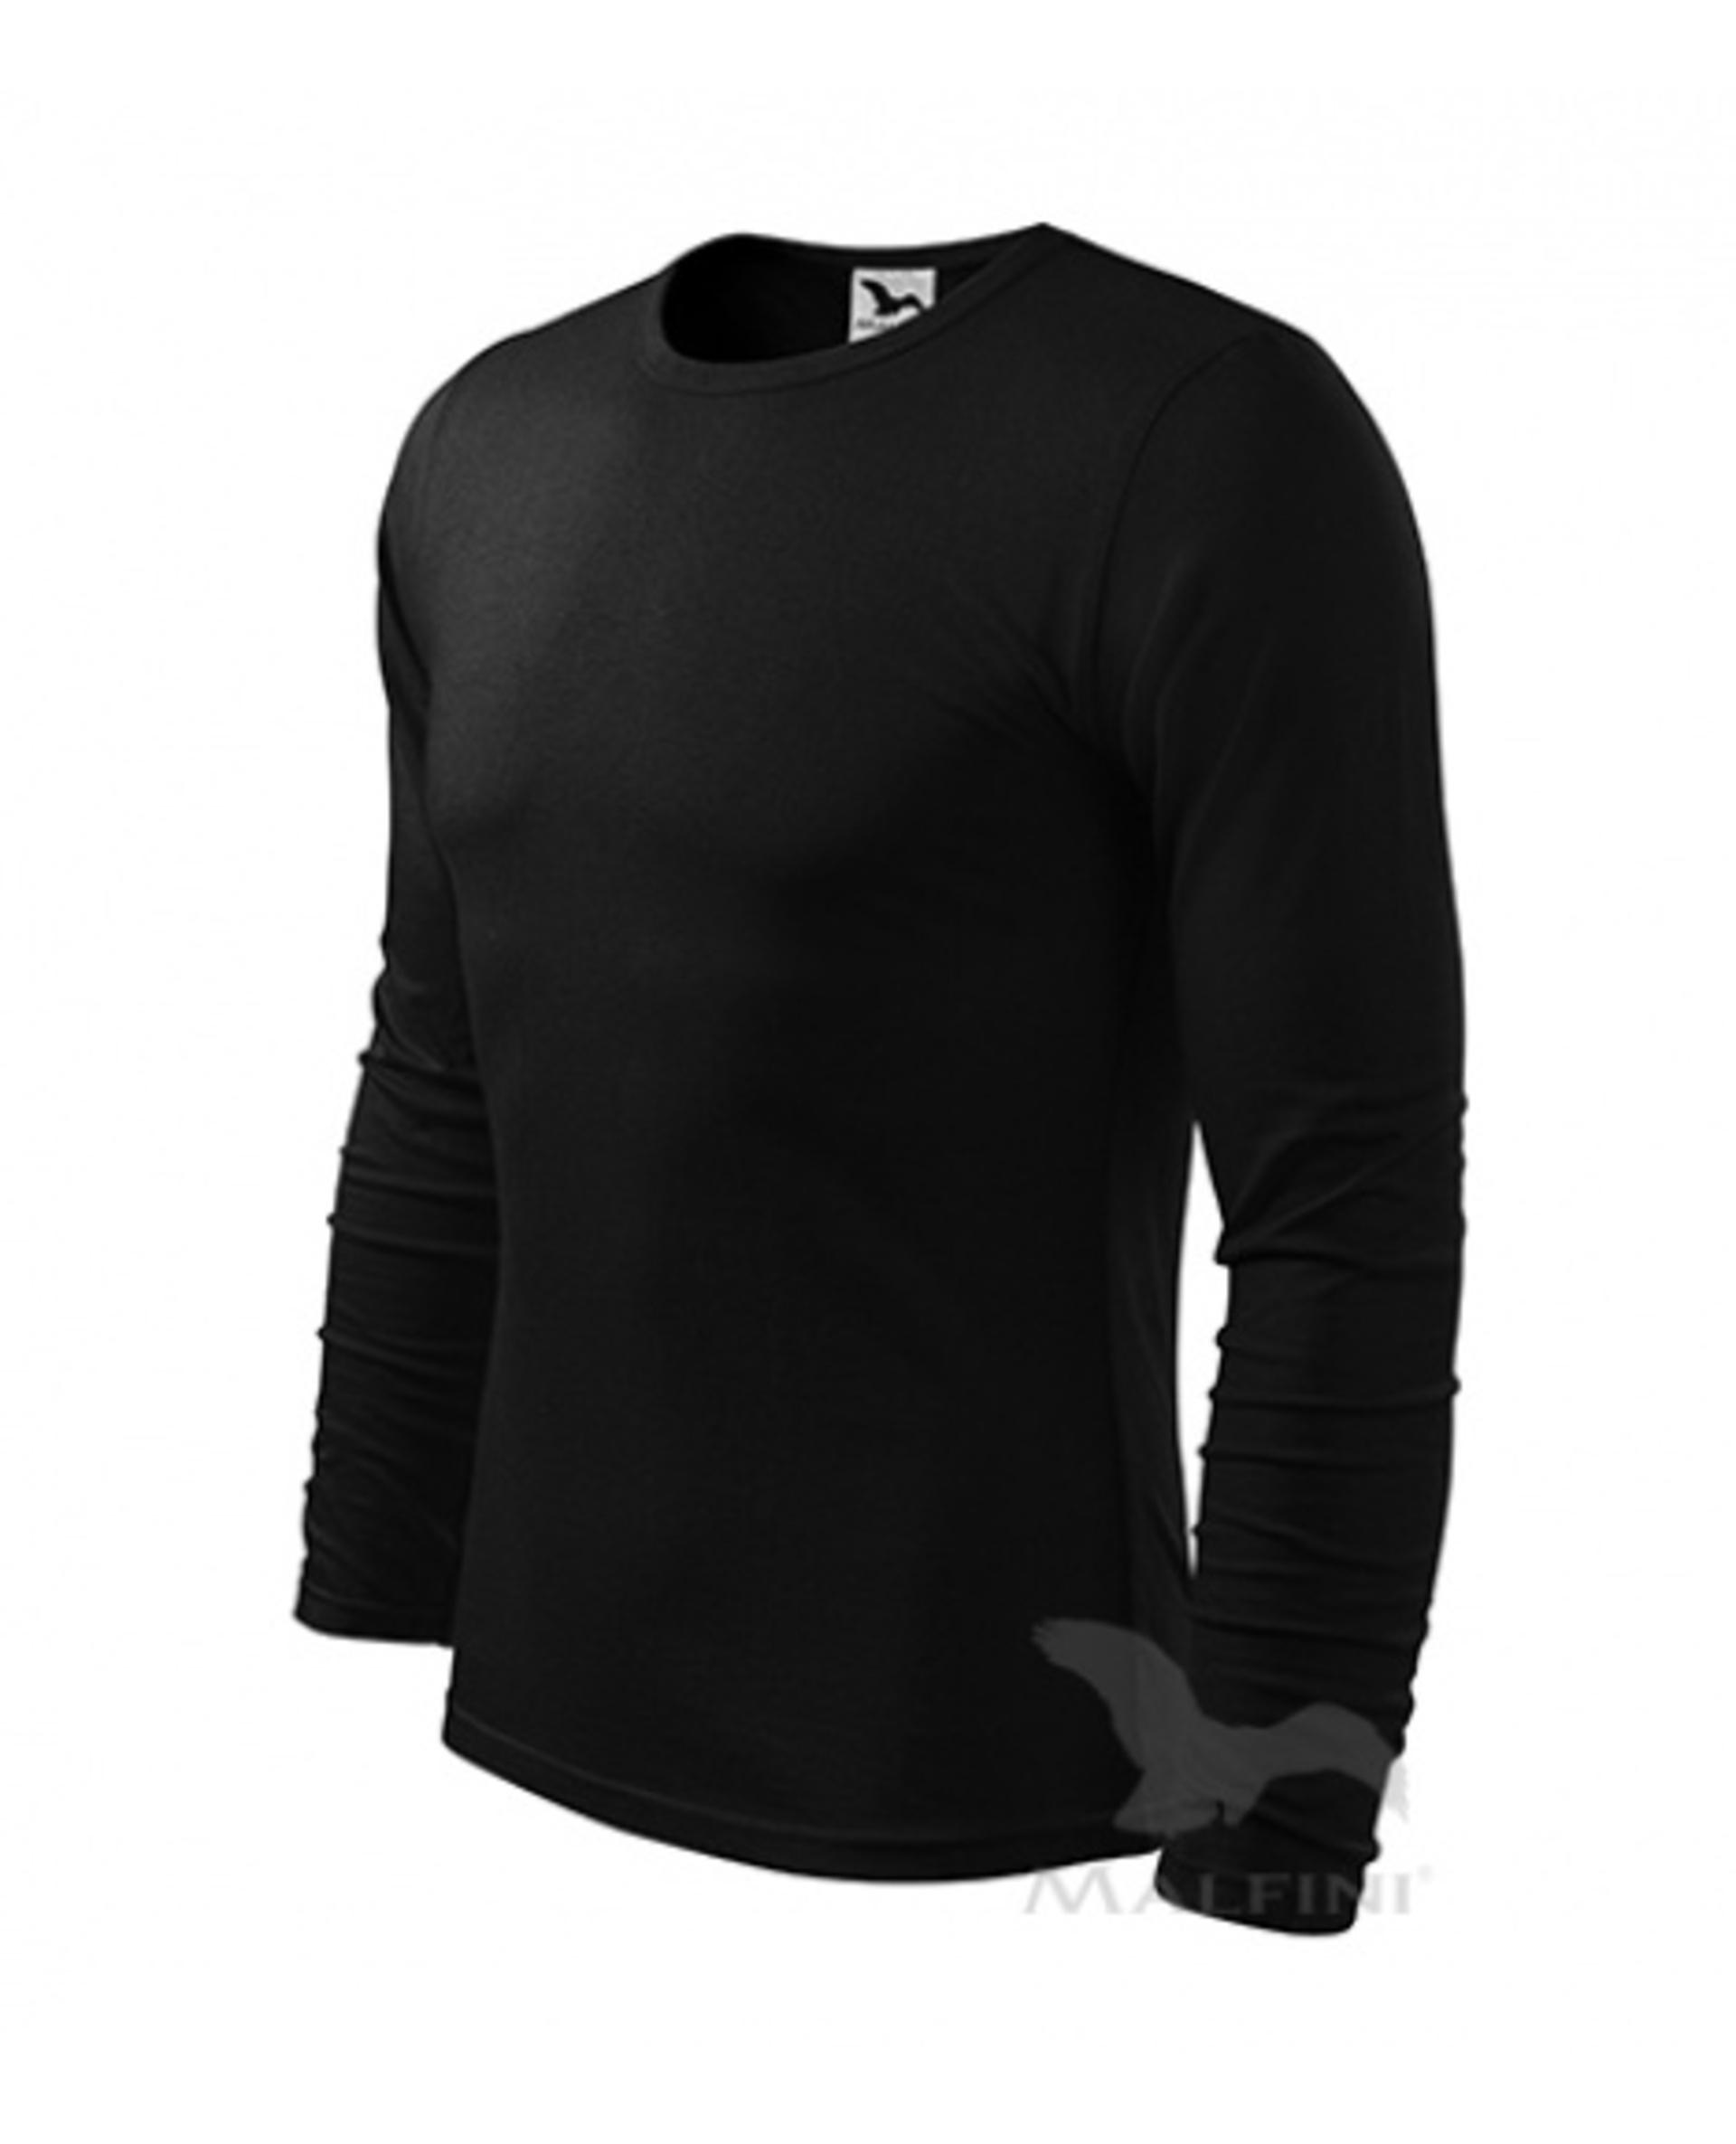 ADLER FIT-T LONG SLEEVE pánské dlouhý rukáv Tričko černá L